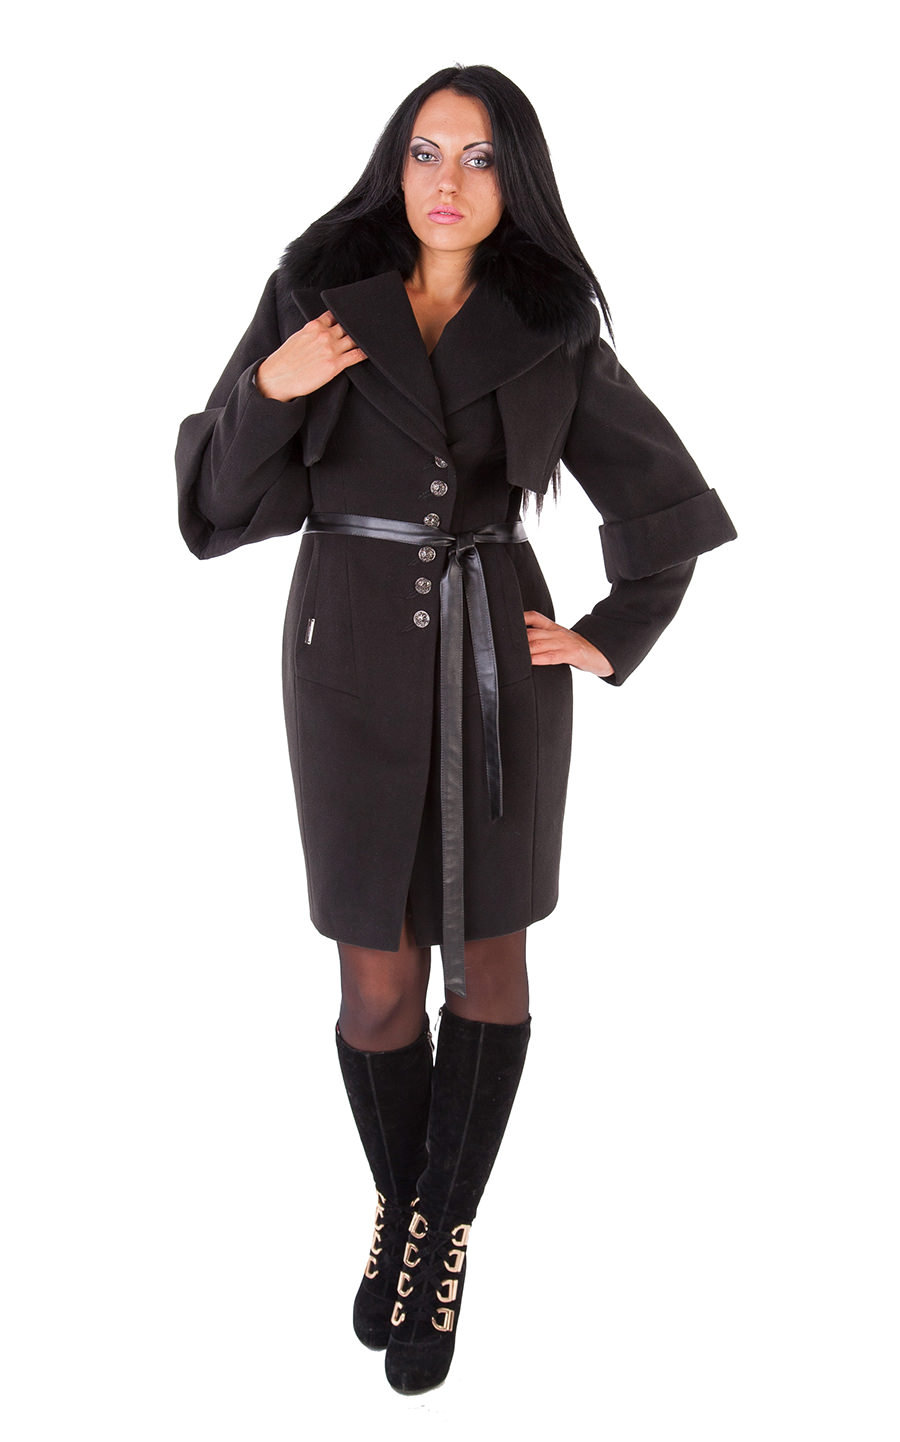 Купить оптом женское пальто недорого Пальто Беверли премиум